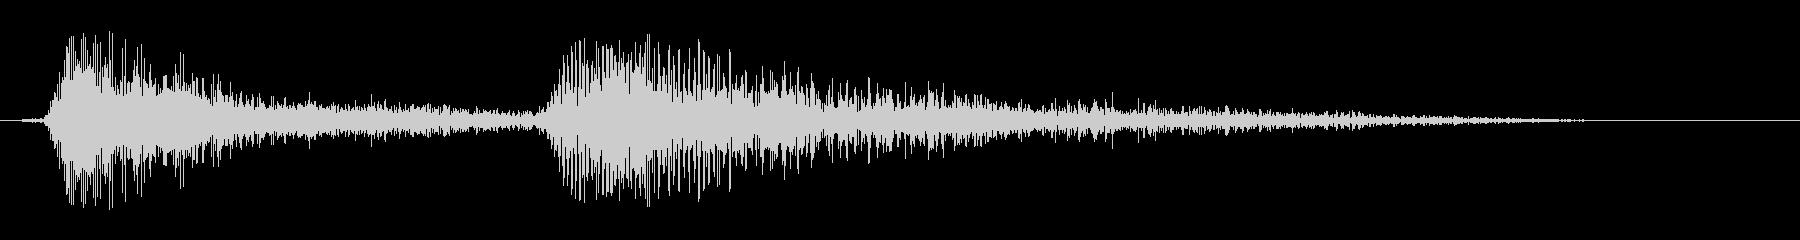 ギュッギュ(何かを閉めるような音)の未再生の波形